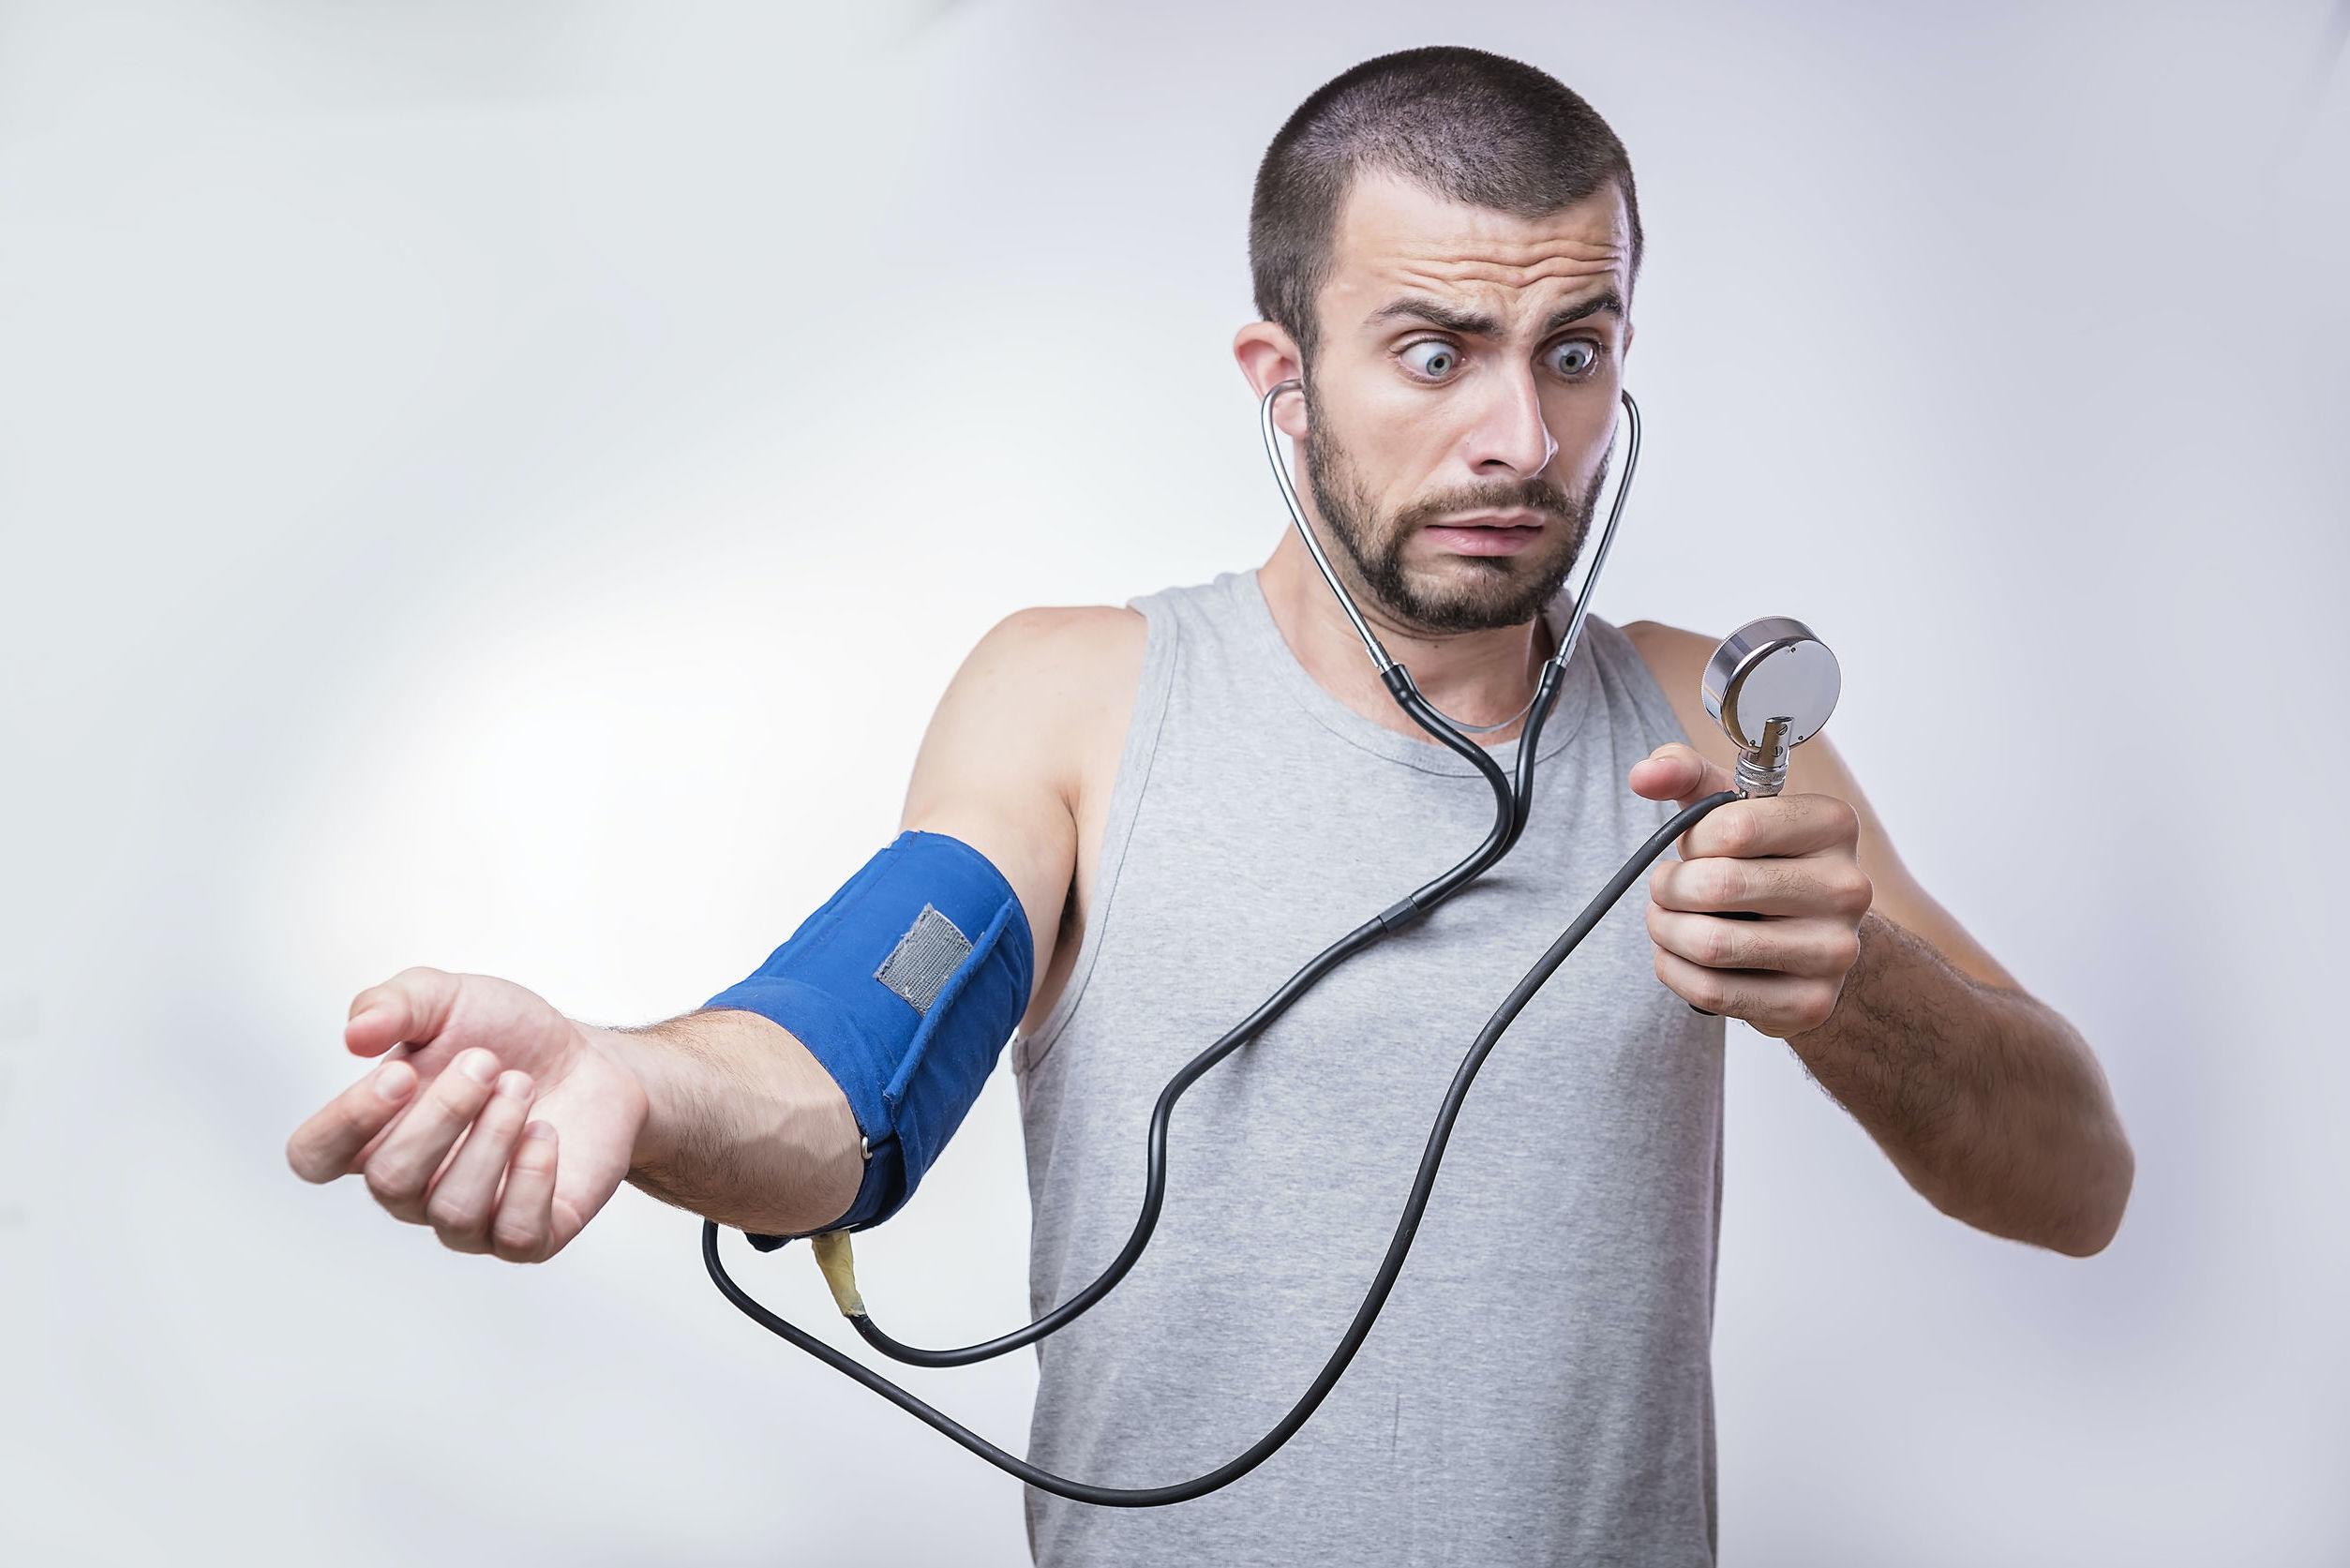 magas vérnyomás kezelése badamival a holtpontot megtörő magas vérnyomás